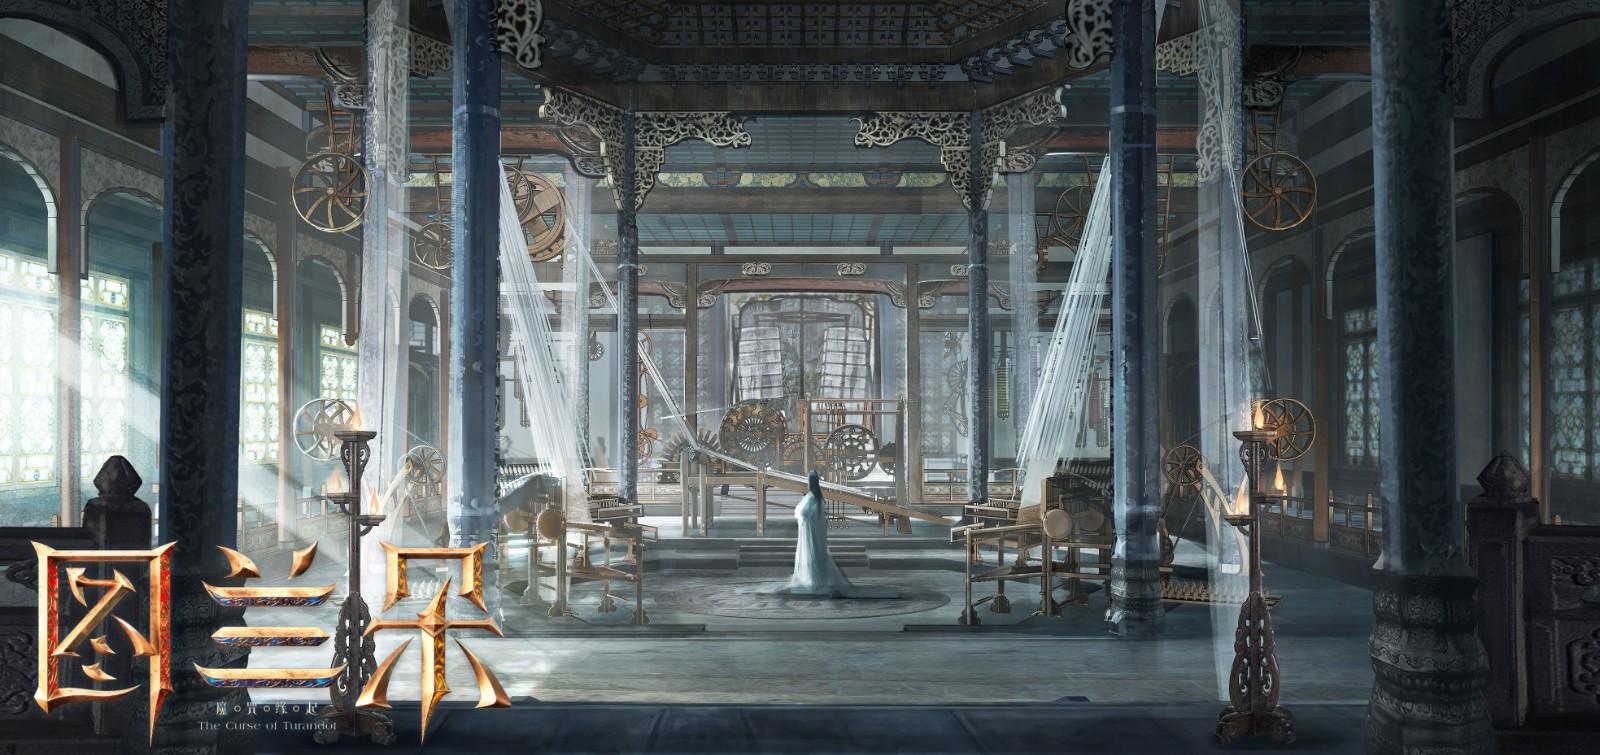 关晓彤《图兰朵:魔咒缘起》制作特辑 拍摄场景宏大